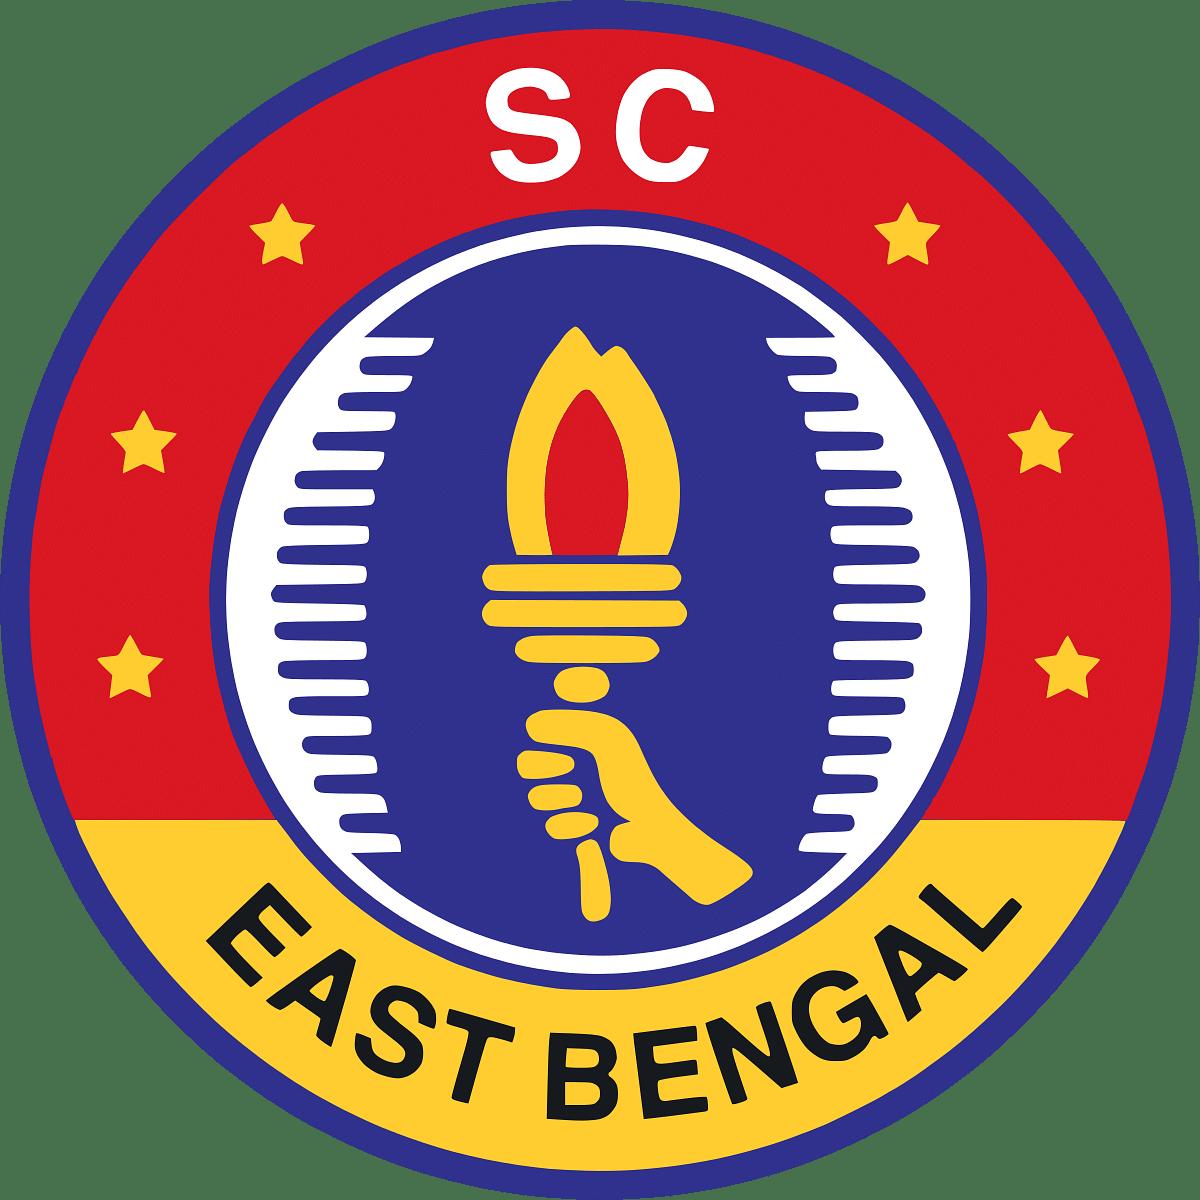 आईएसएल-7 : प्लेआफ की उम्मीदों को जिंदा रखने के लिए ईस्ट बंगाल को चाहिए जीत